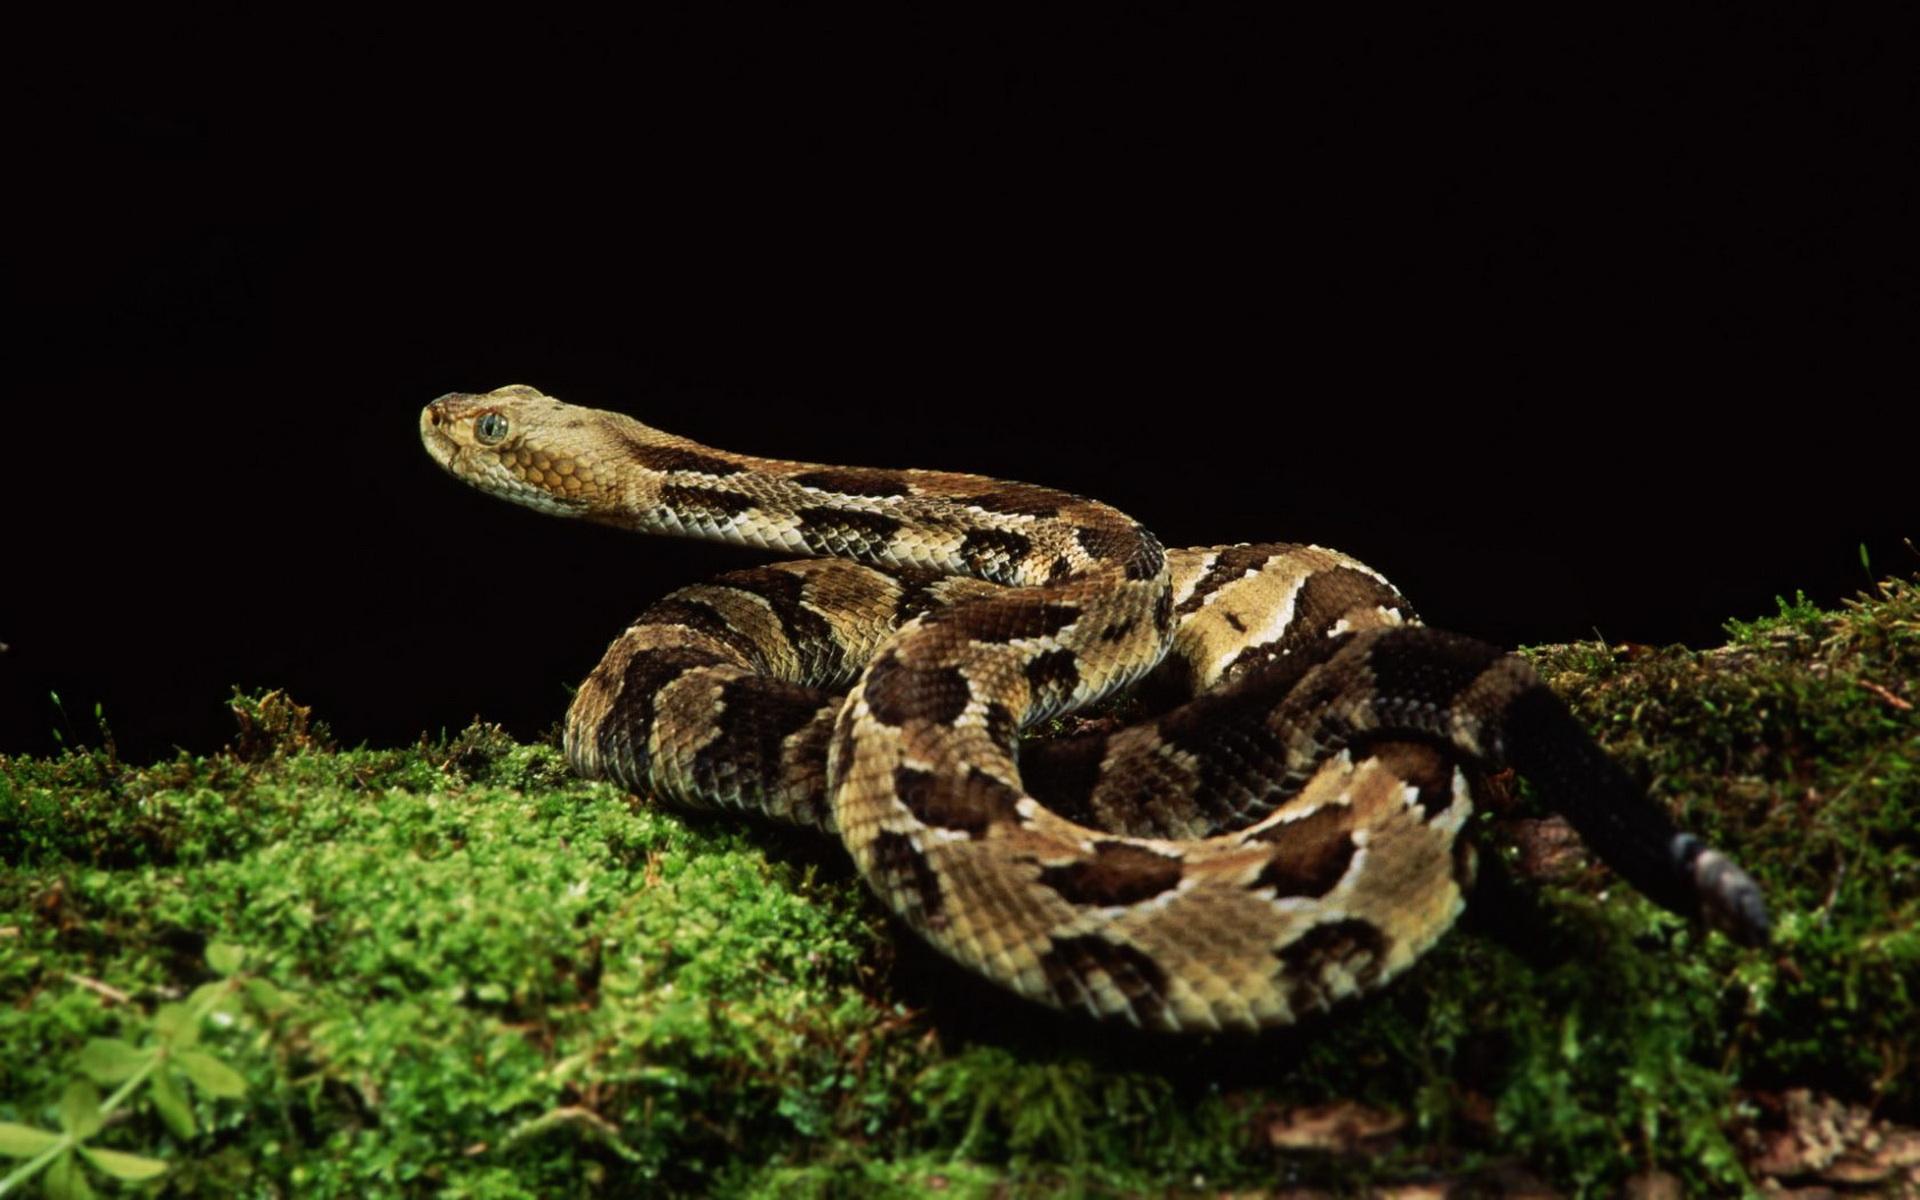 动物世界-蛇年蛇影01(1920x1200)壁纸